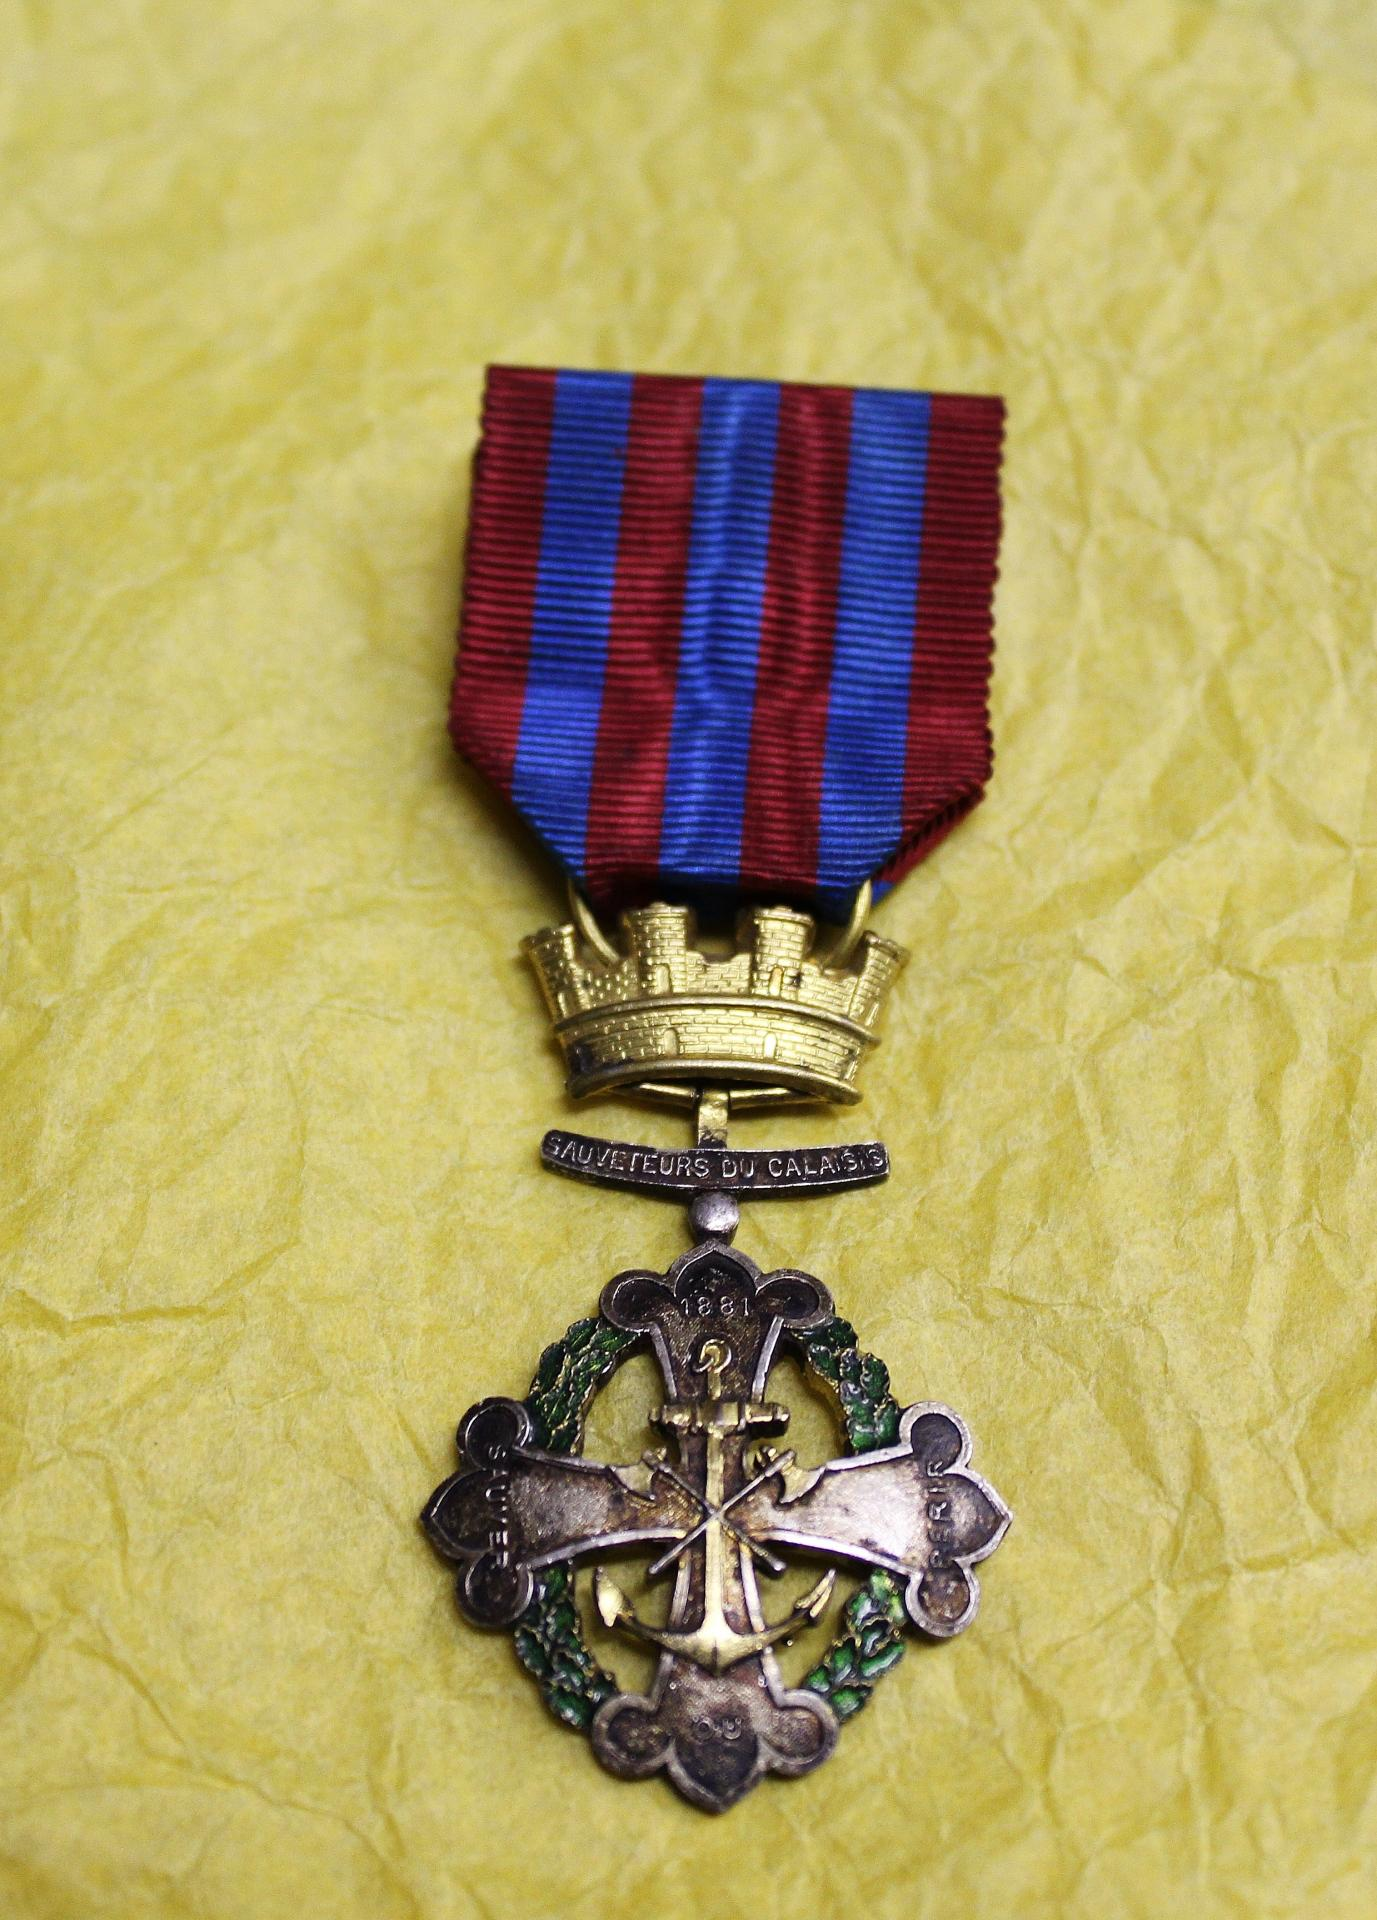 Calais medaille des sauveteurs du calaisis 3